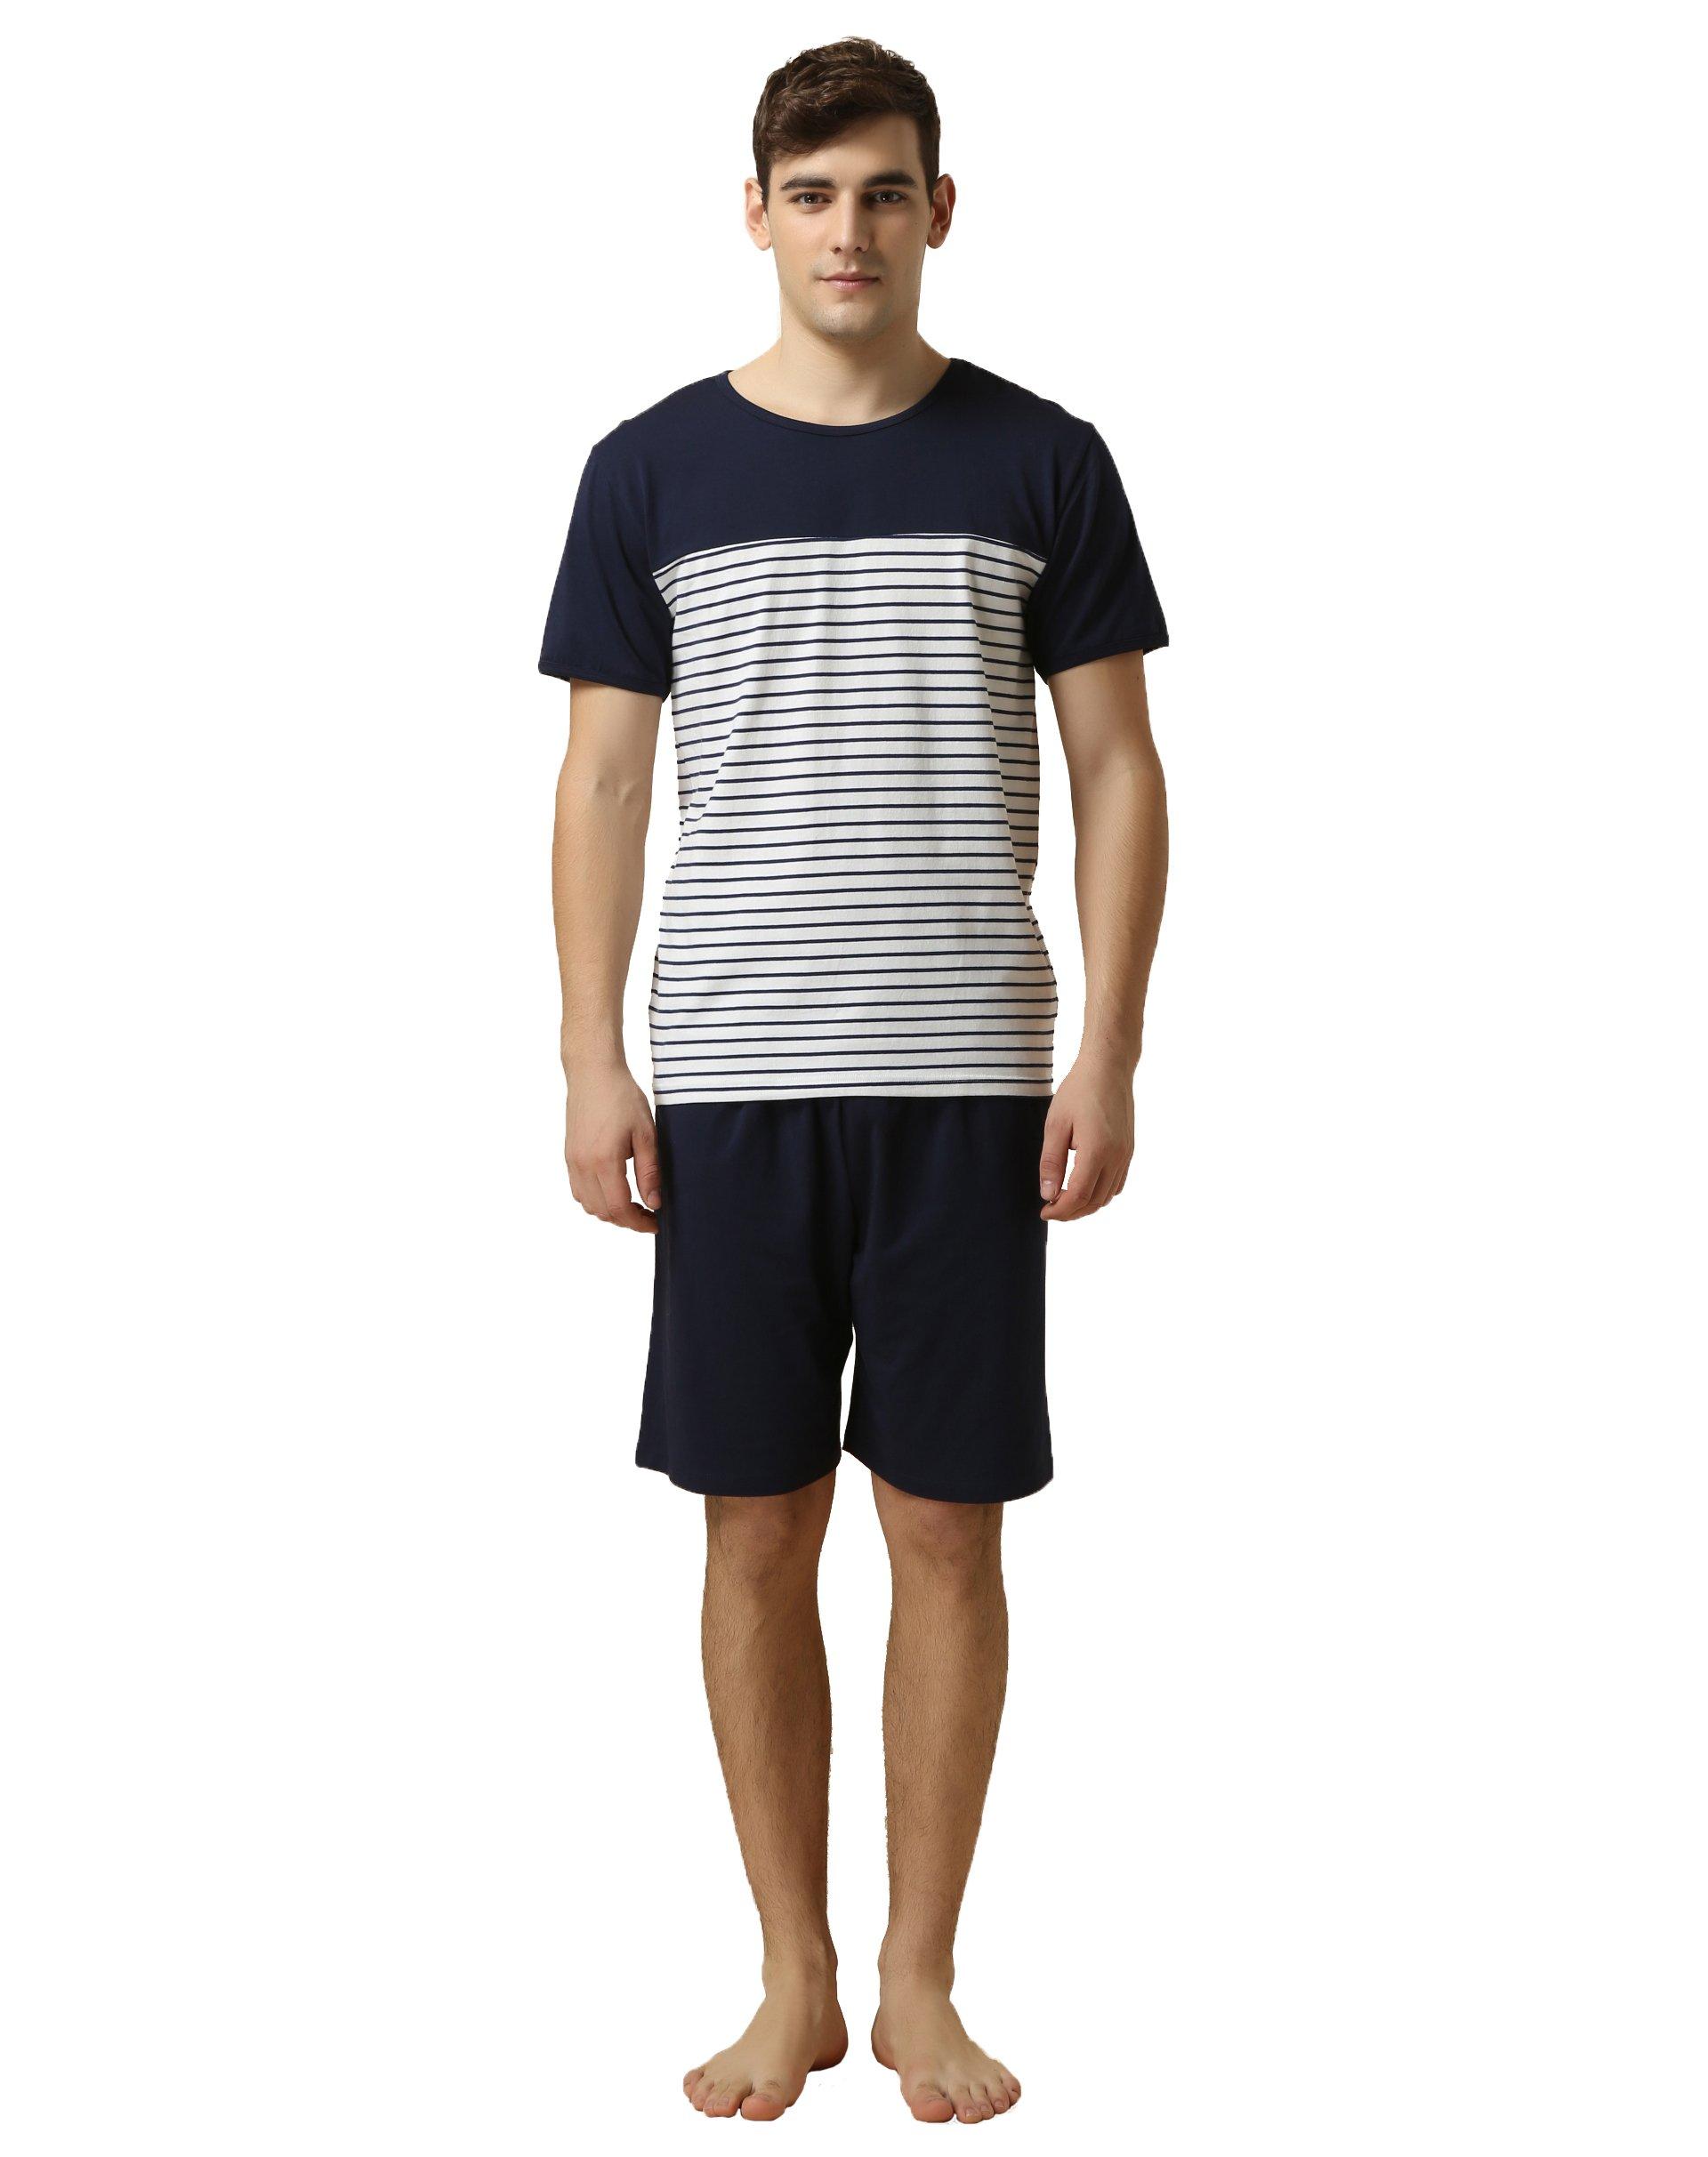 Suntasty Herren Zweiteiliger Schlafanzug Shorty Pyjama Kurzer Schlafanzug Baumwolle Gestreiftes Oberteil Uni Hose Rundhals Anzug Nachtwäsche (Blau,L,1012M)